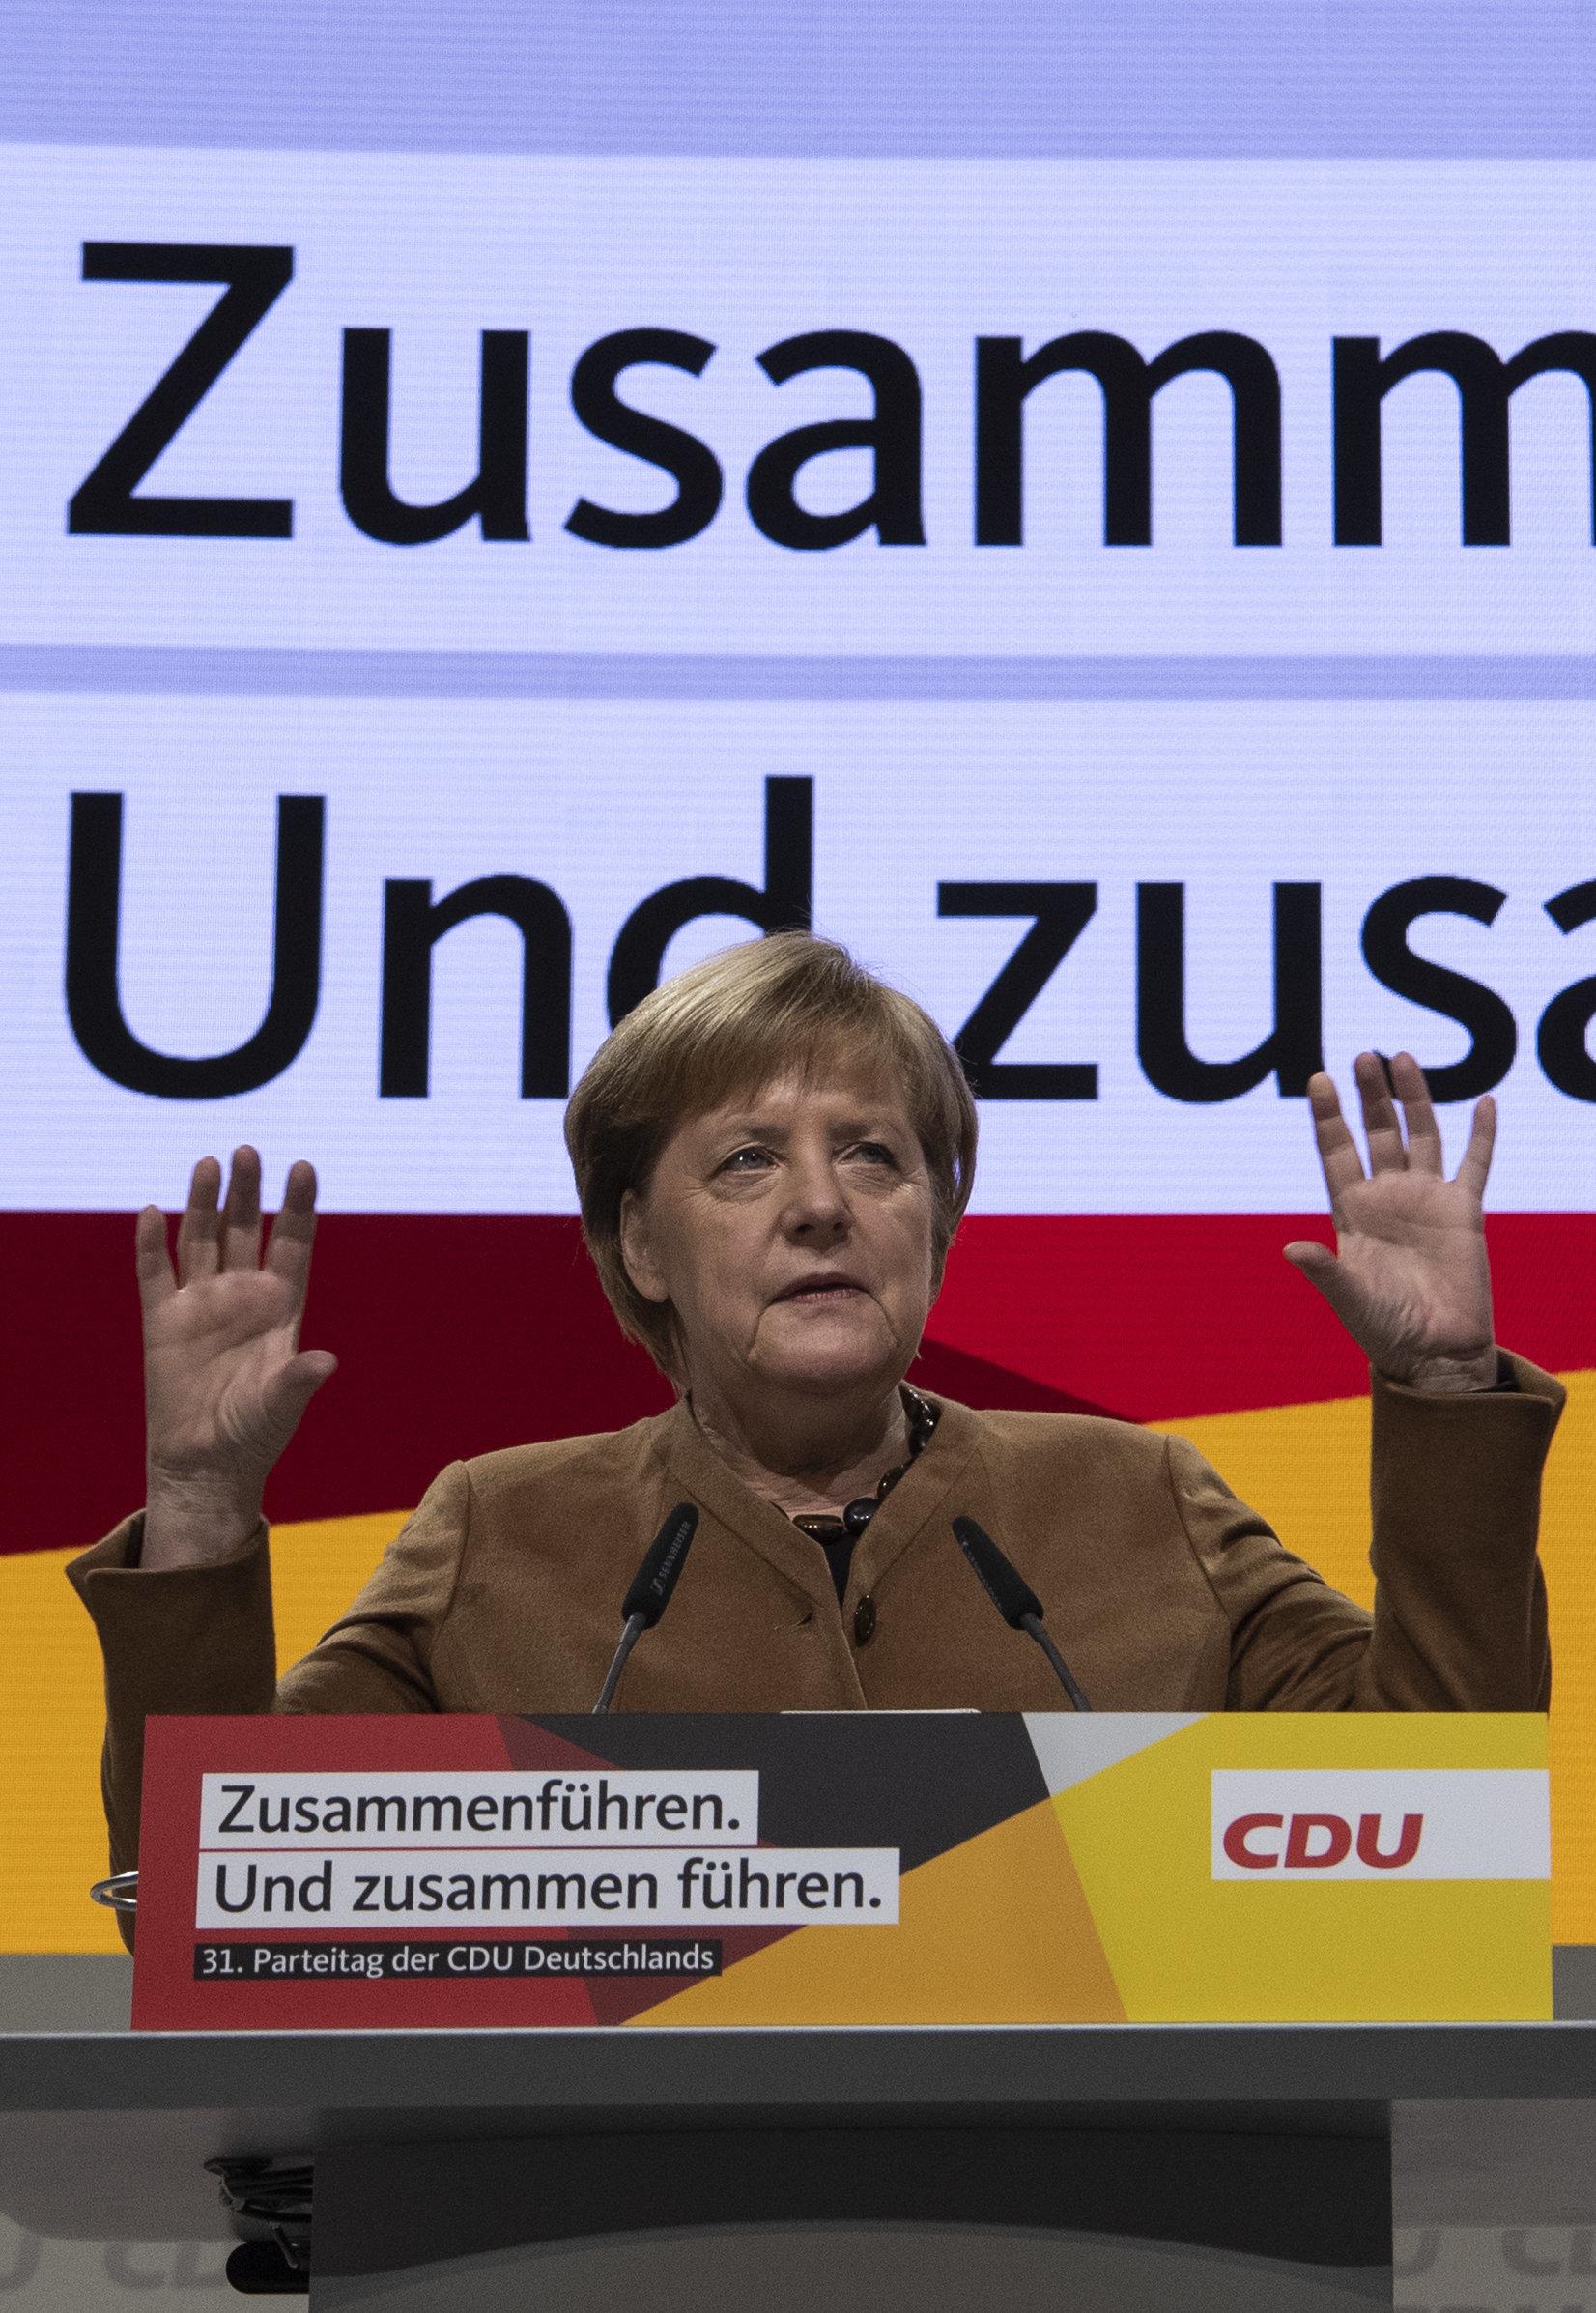 CDU-Parteitag: Live-Stream zur großen